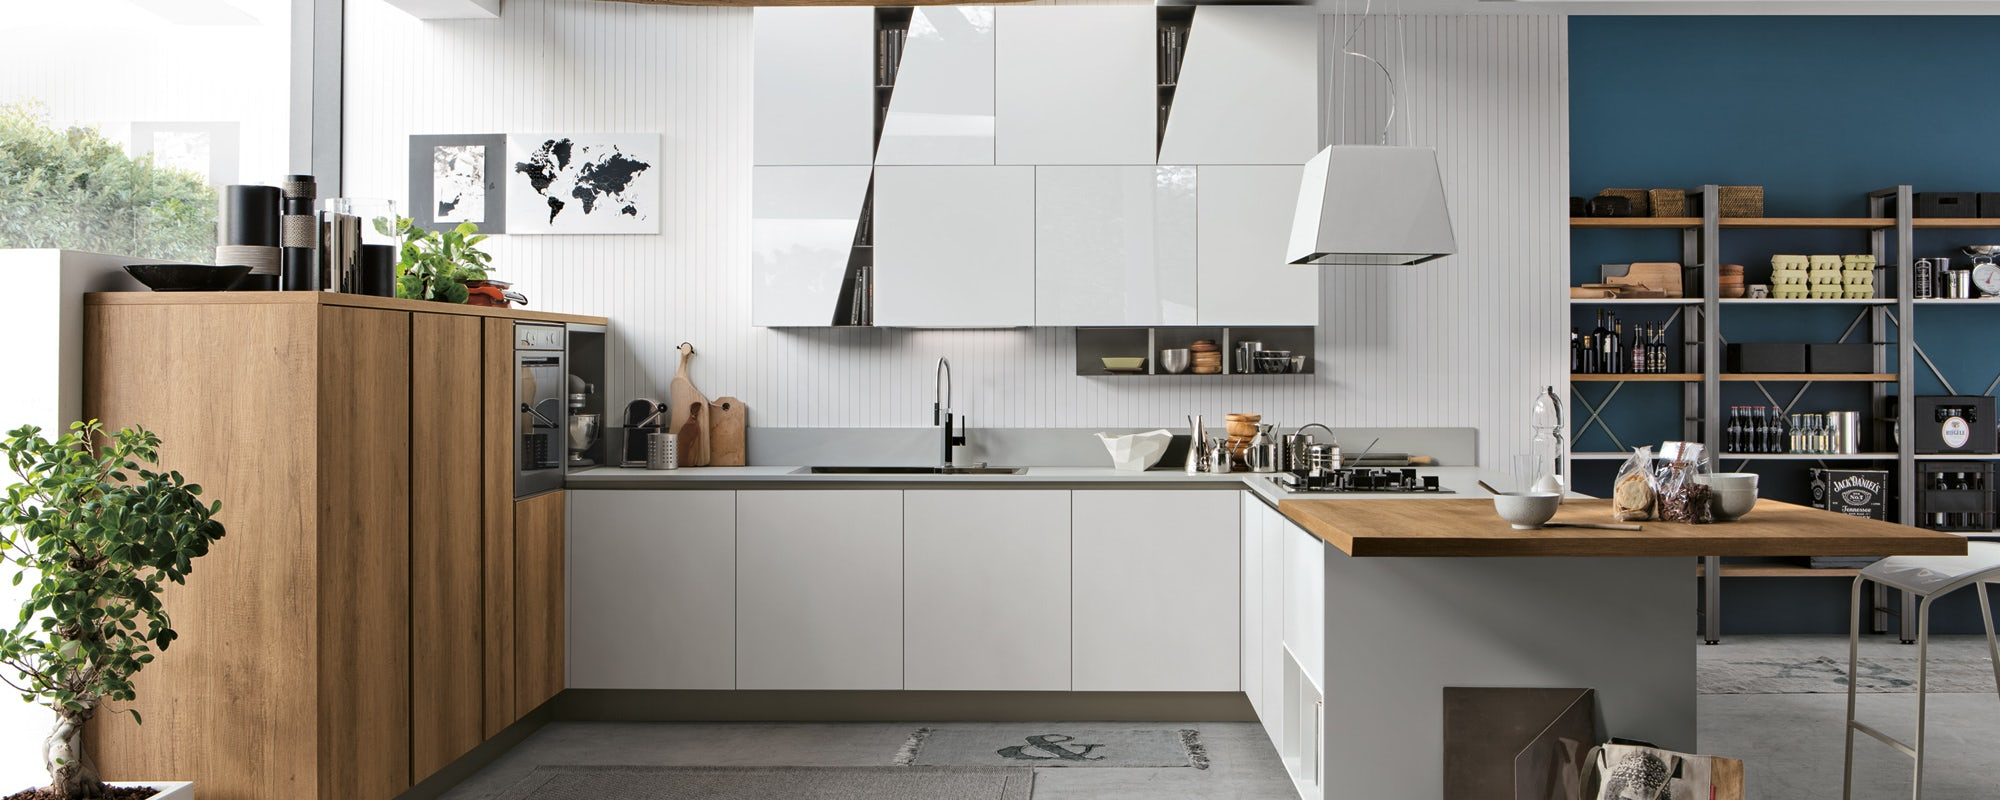 Stosa Cucine – Cucine & Co